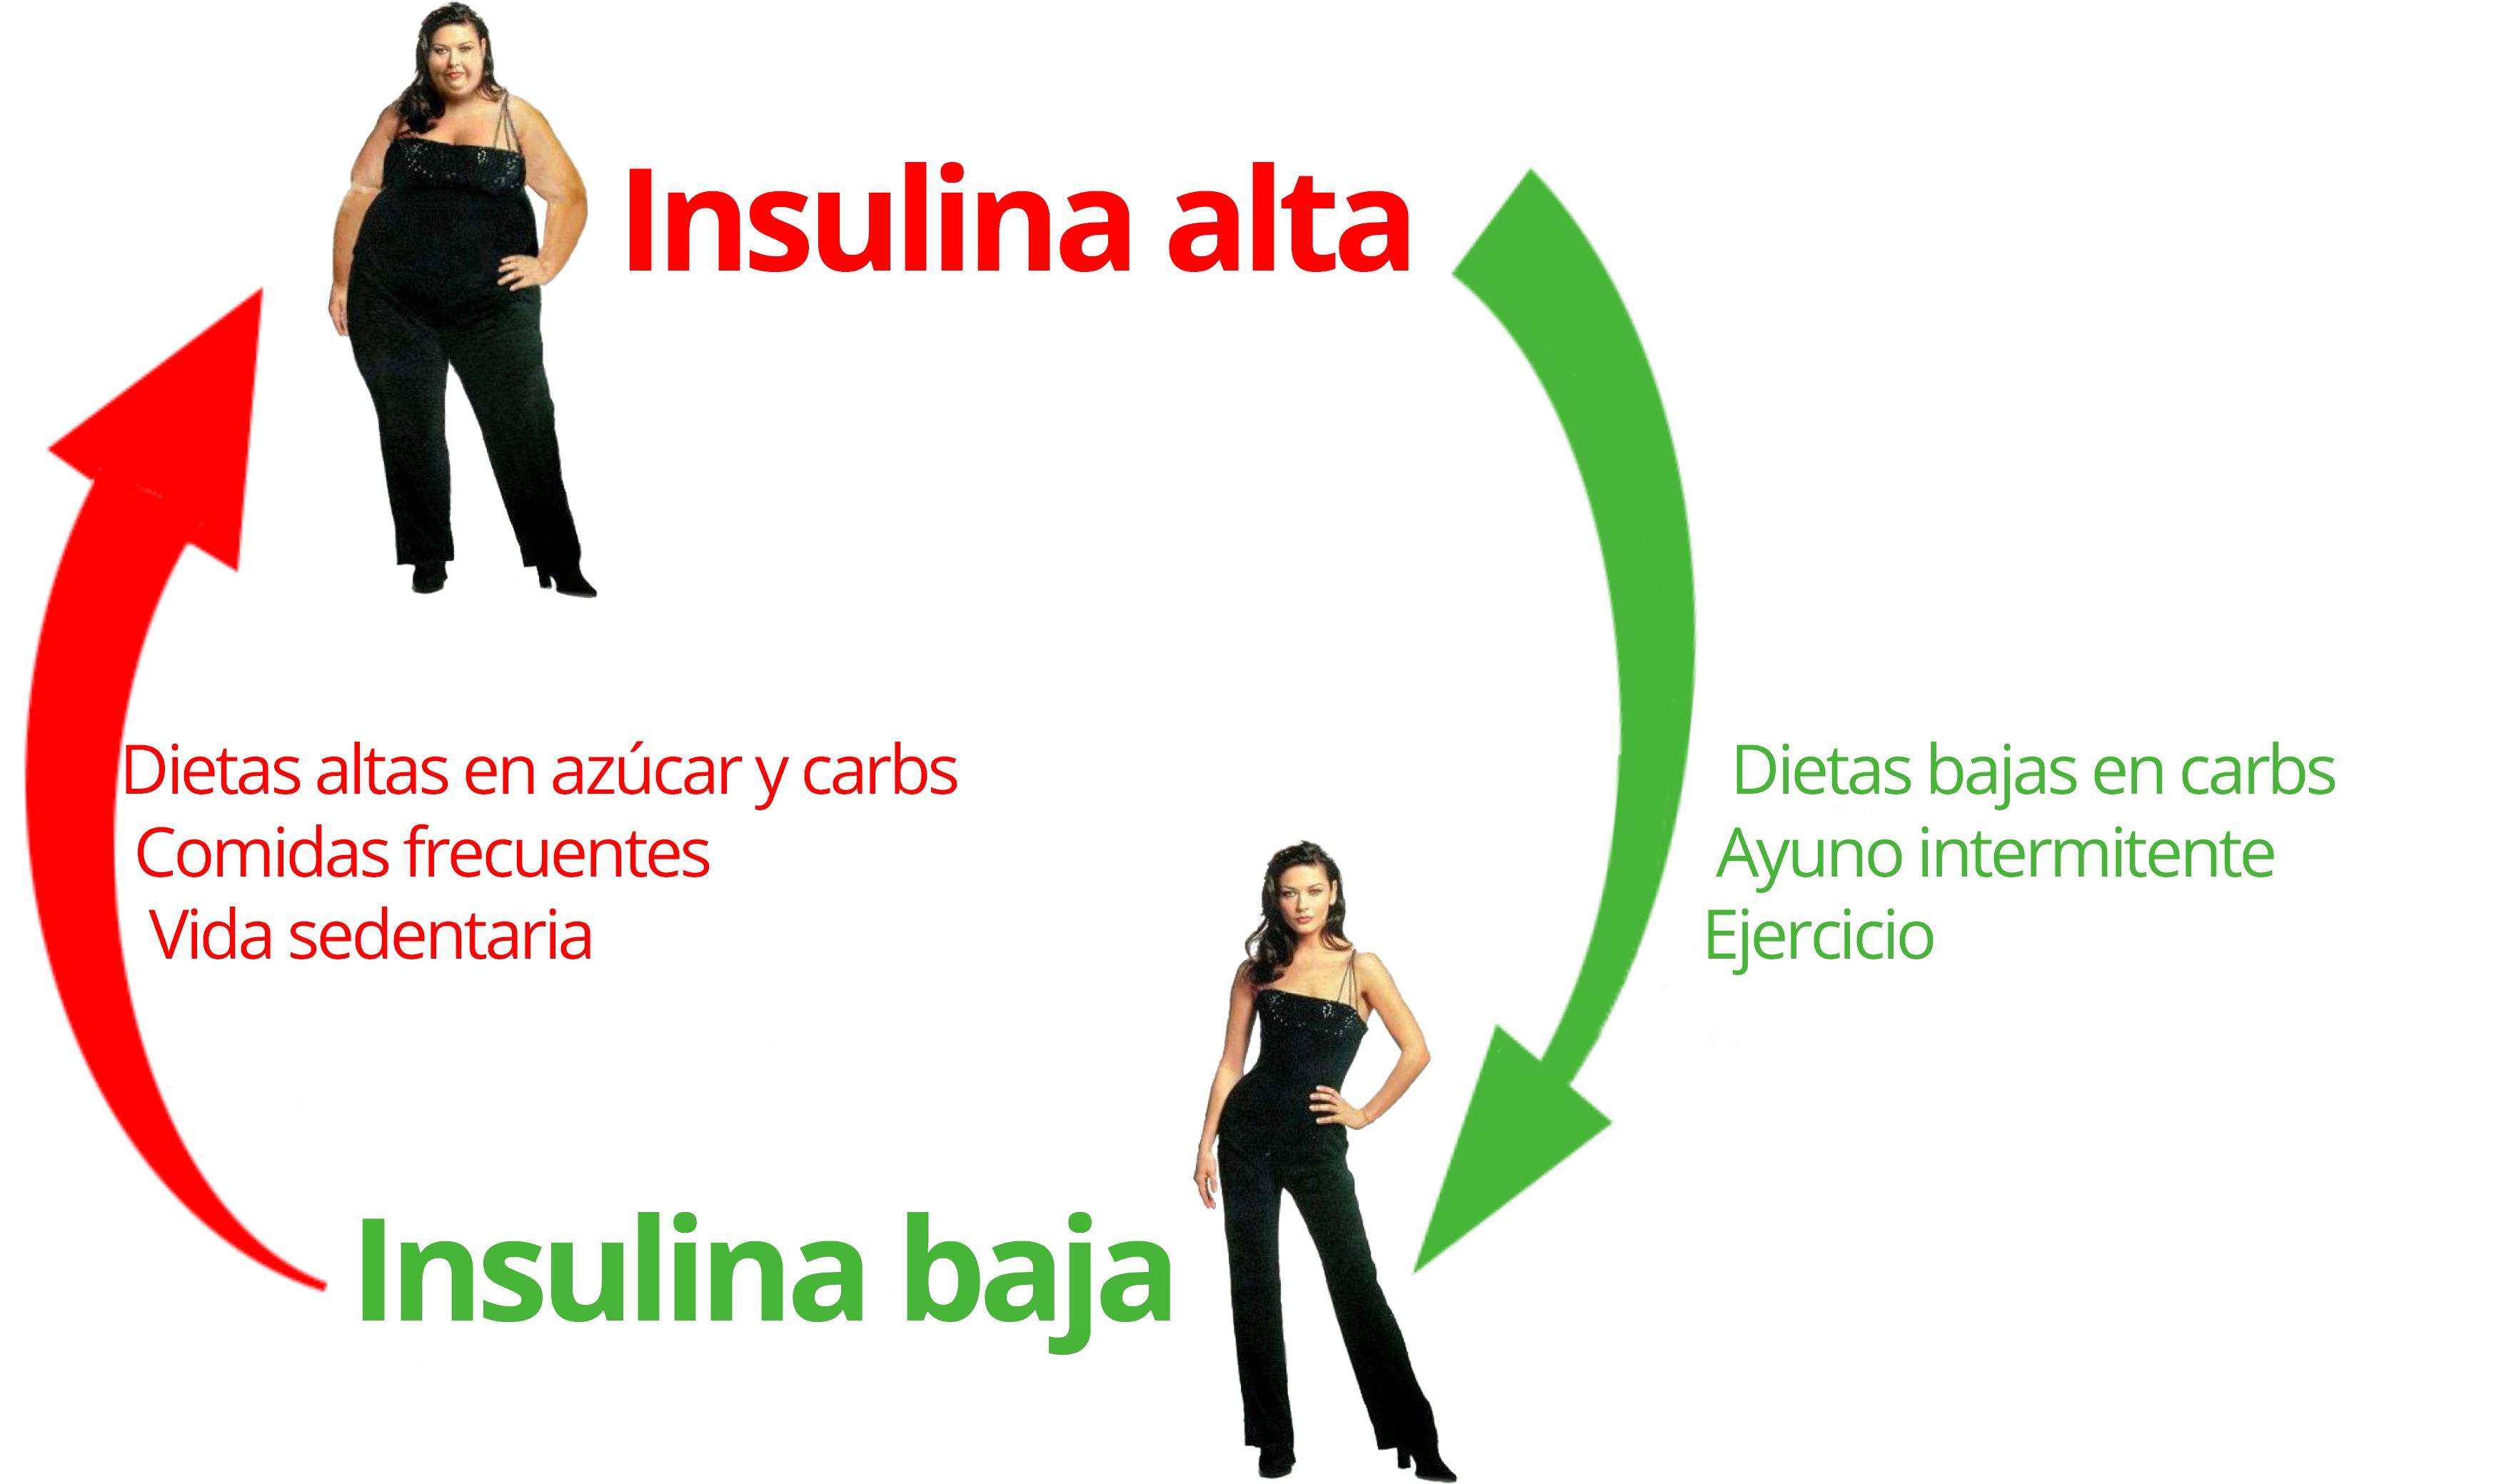 dieta baja en carbohidratos para que sirve